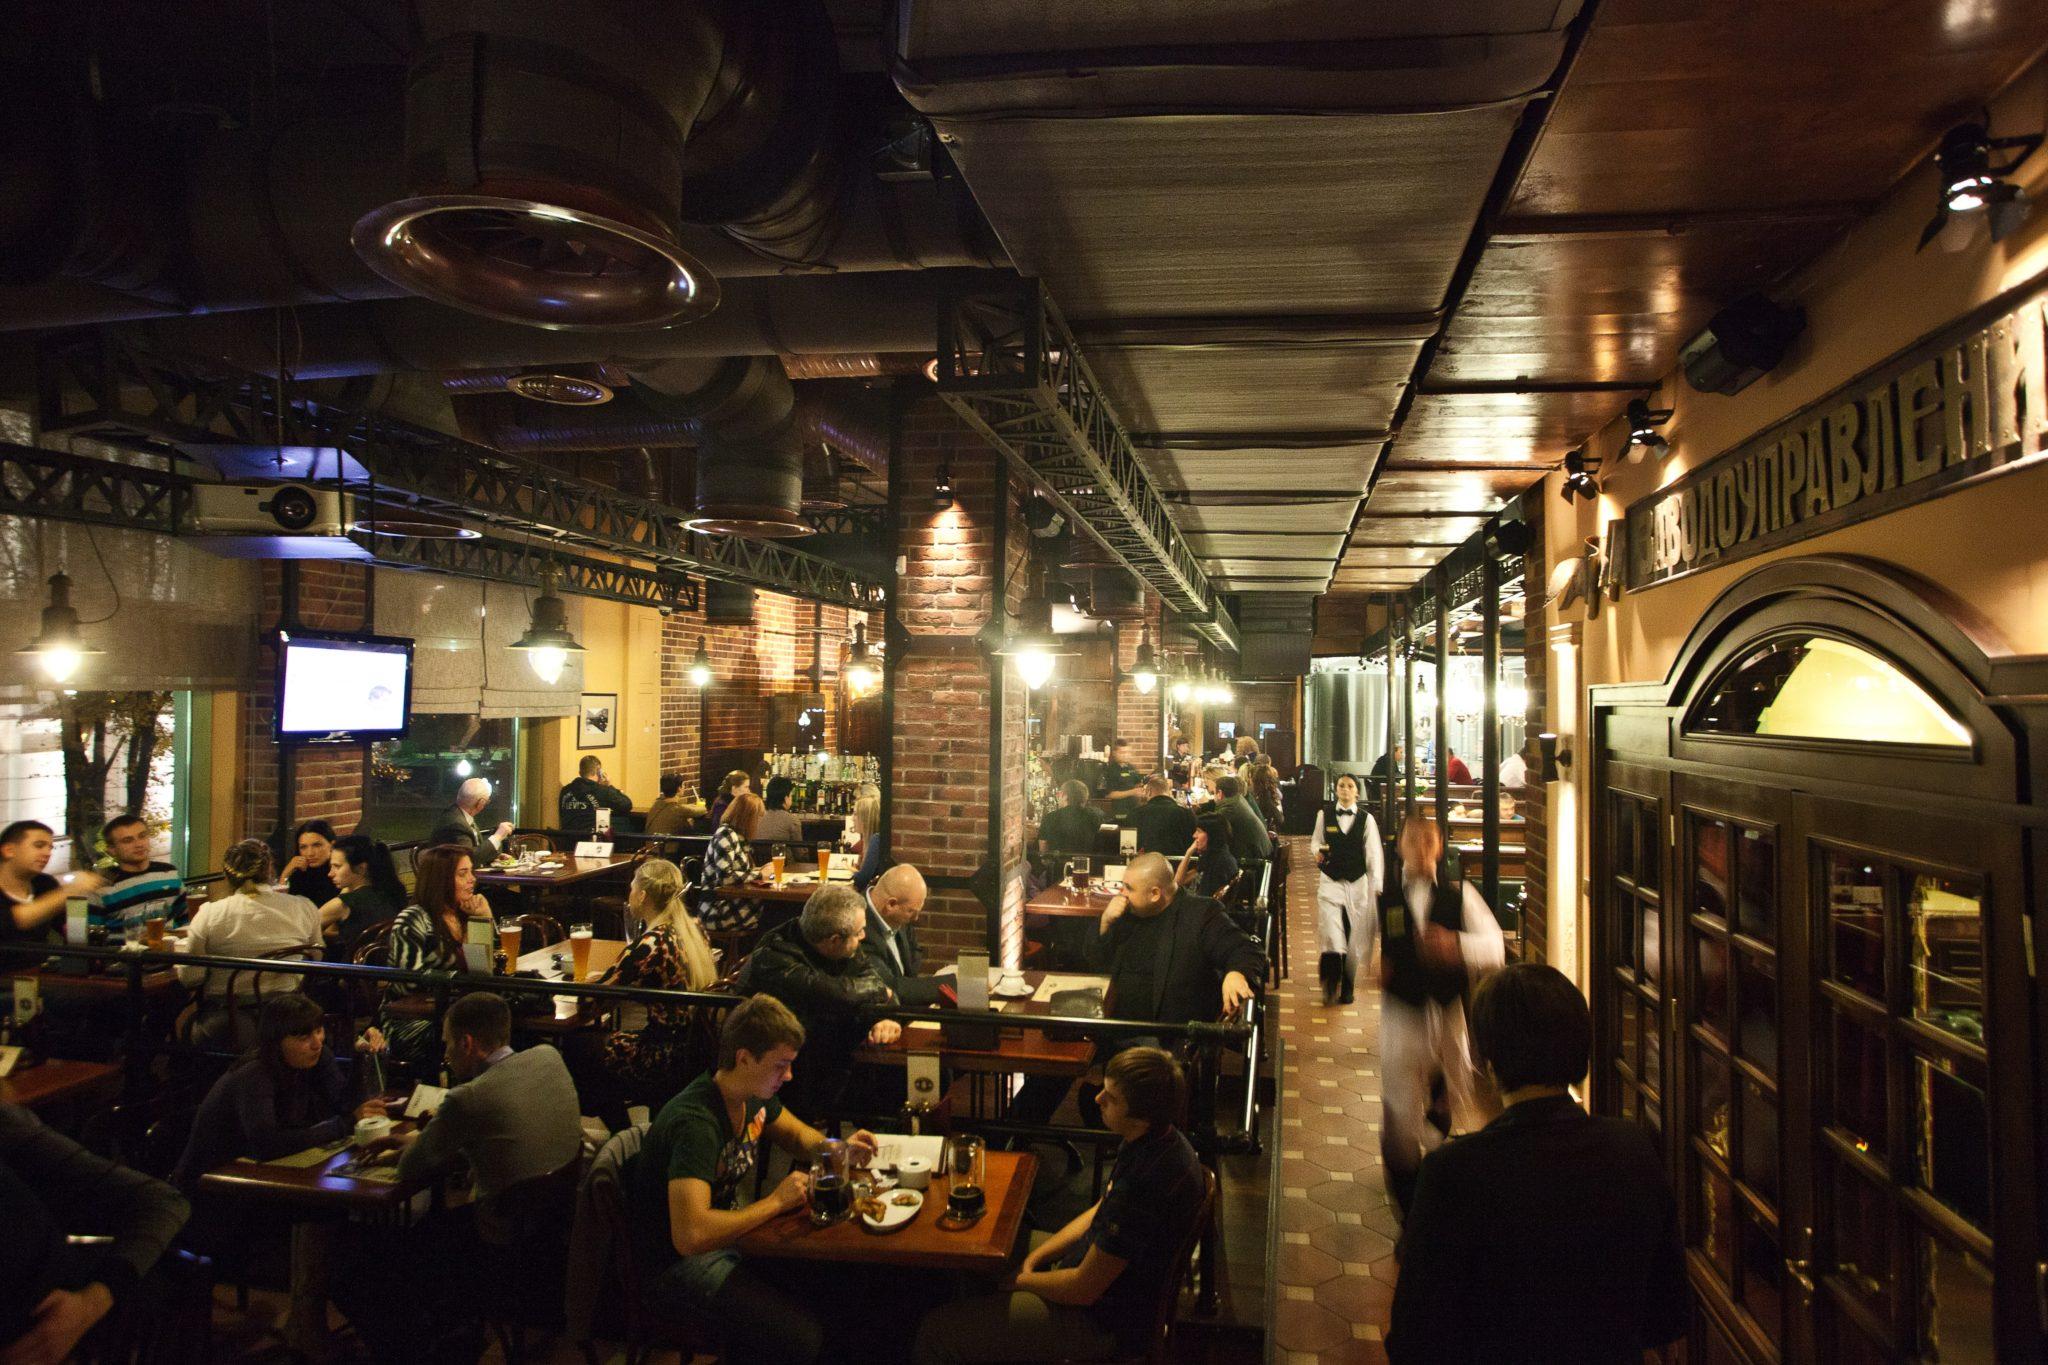 ресторан Хмель Калининград - 16